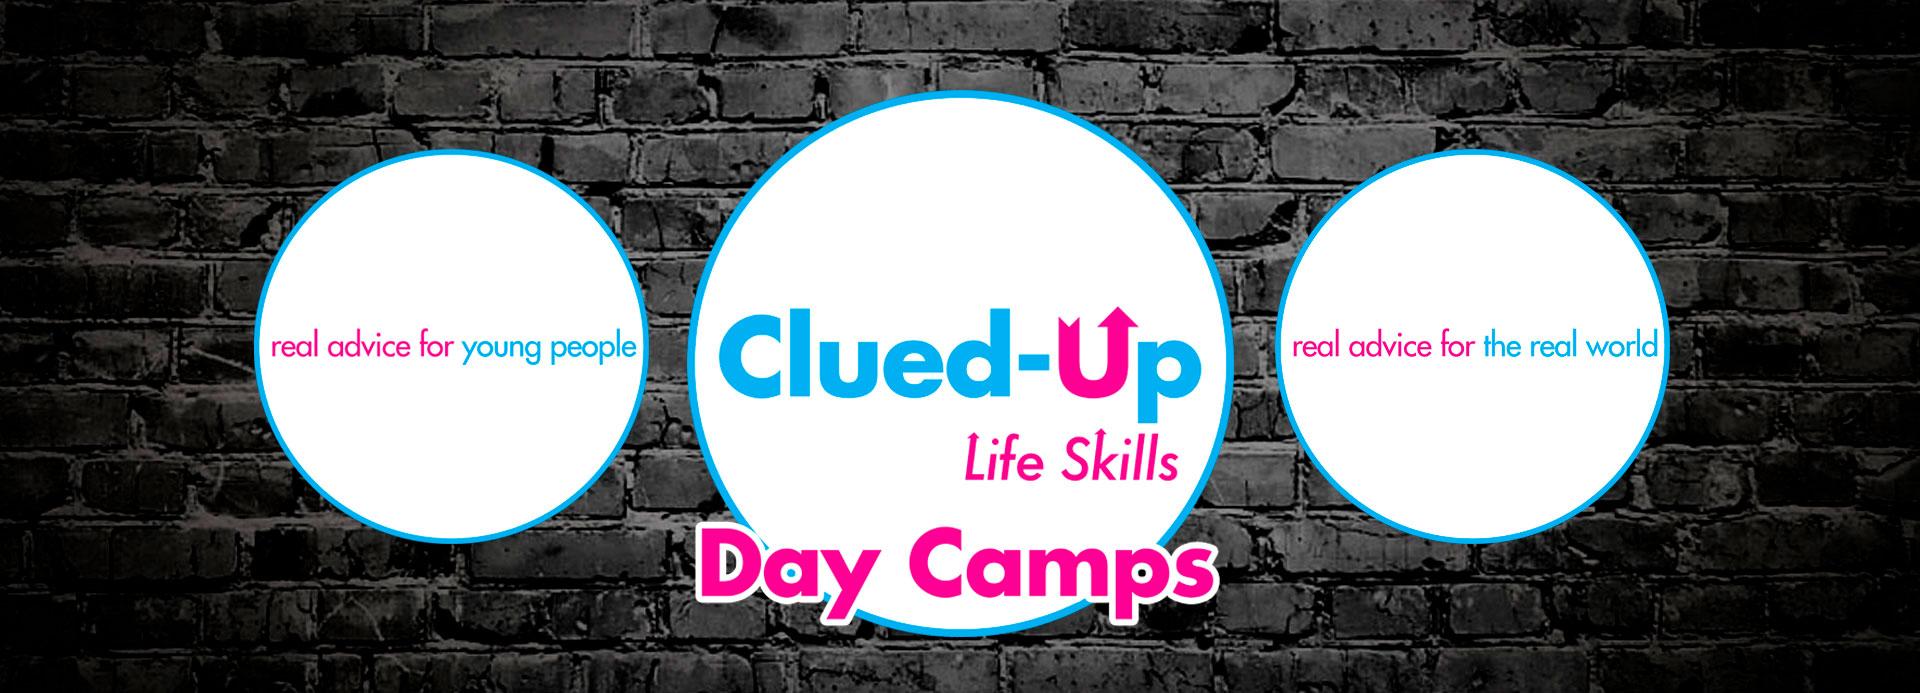 CluedUPDayCamps-1